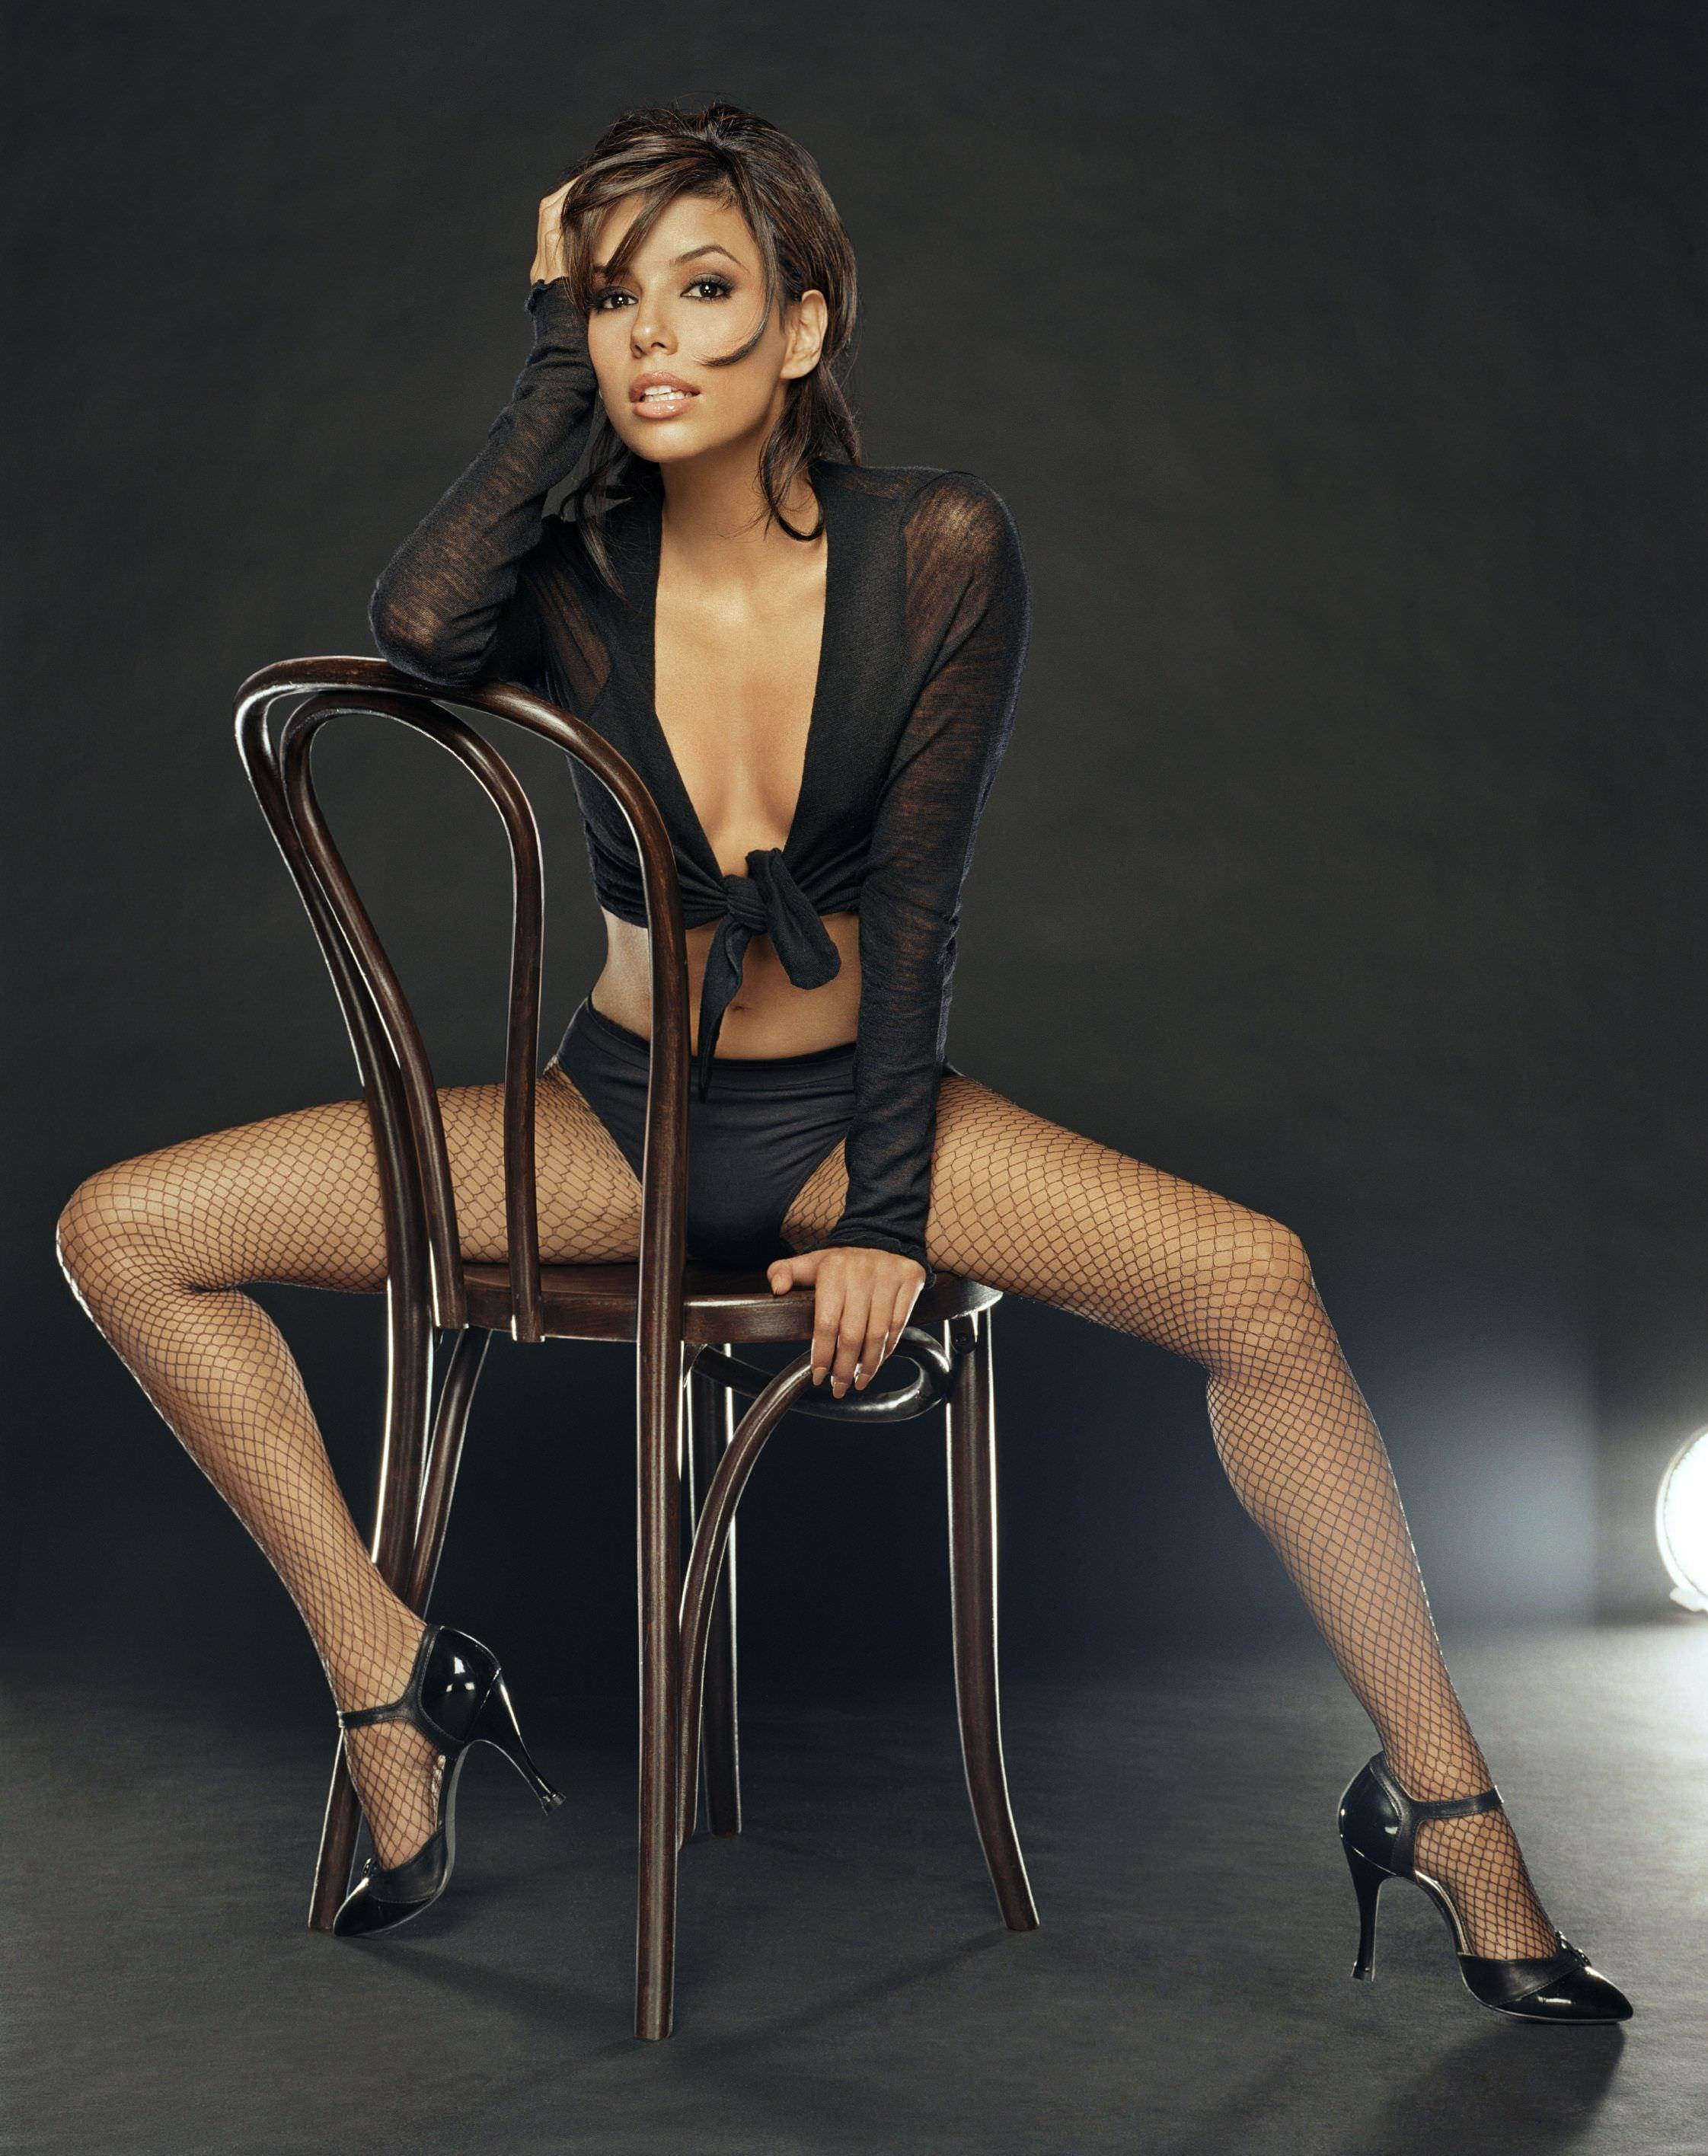 Ева Лонгория фото на стуле